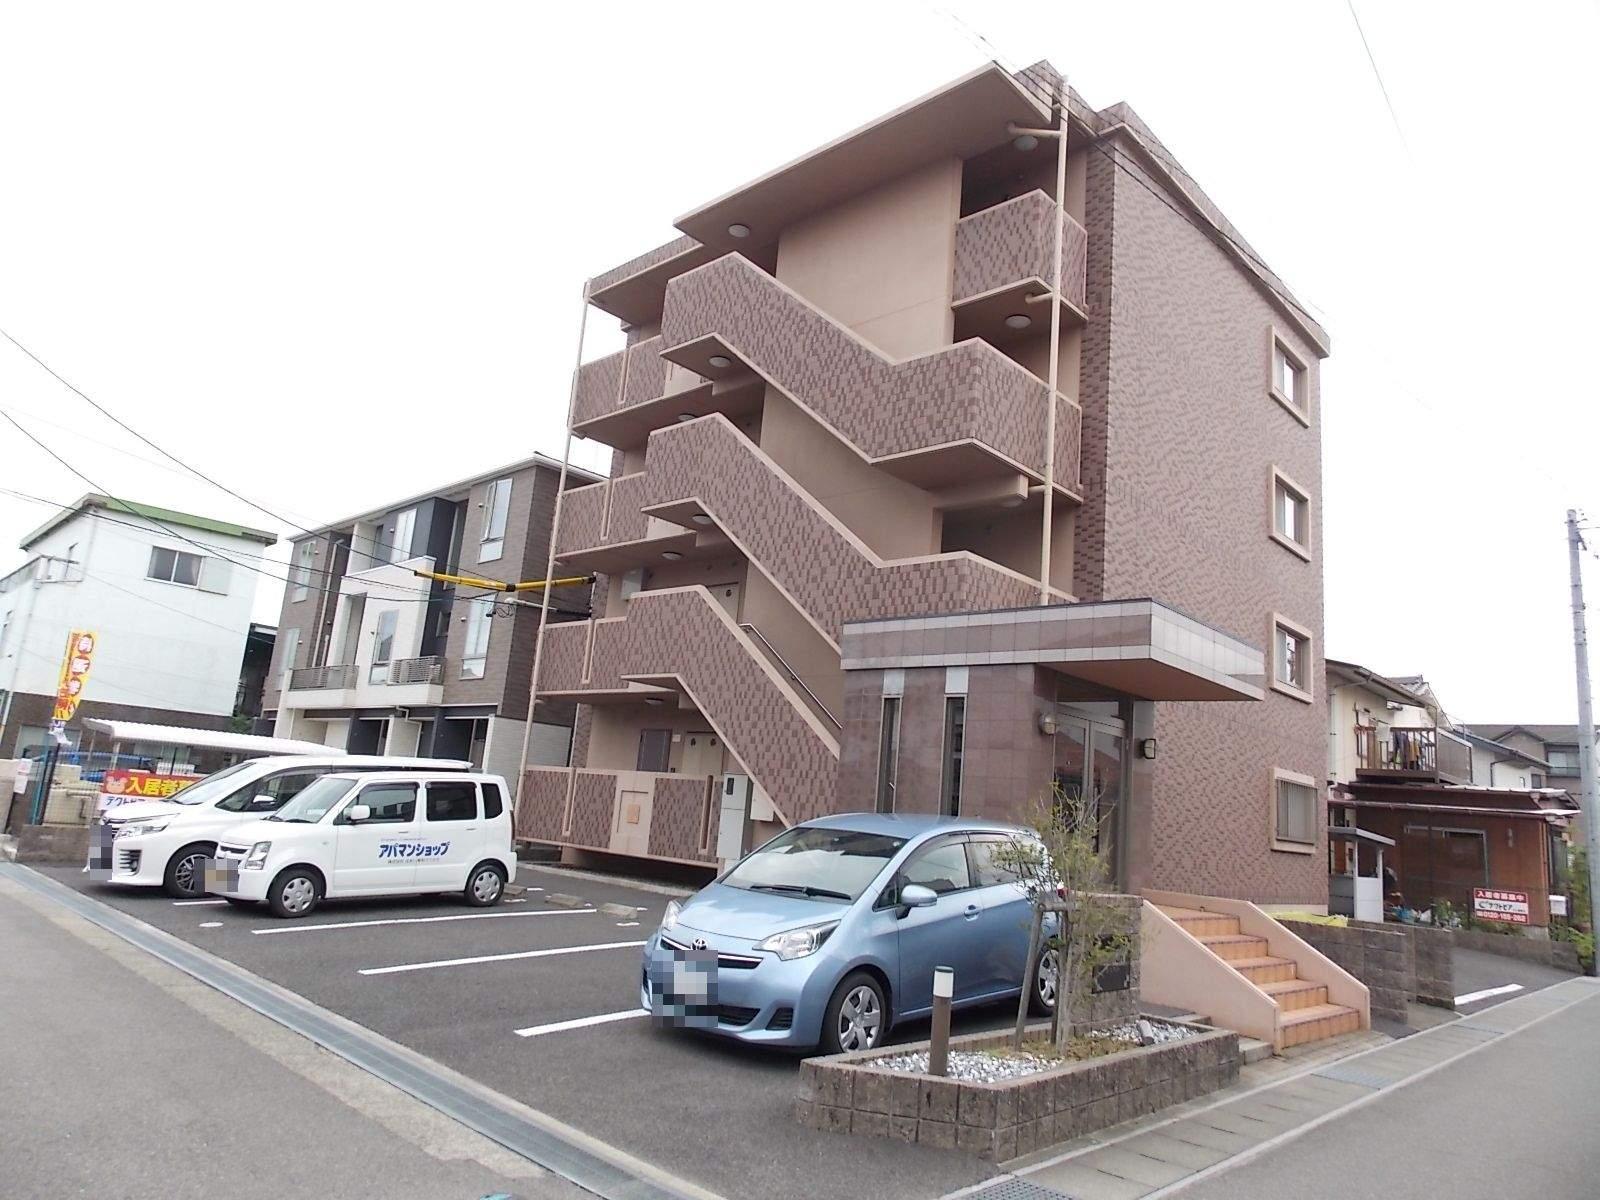 愛知県北名古屋市、西春駅徒歩4分の築10年 4階建の賃貸マンション